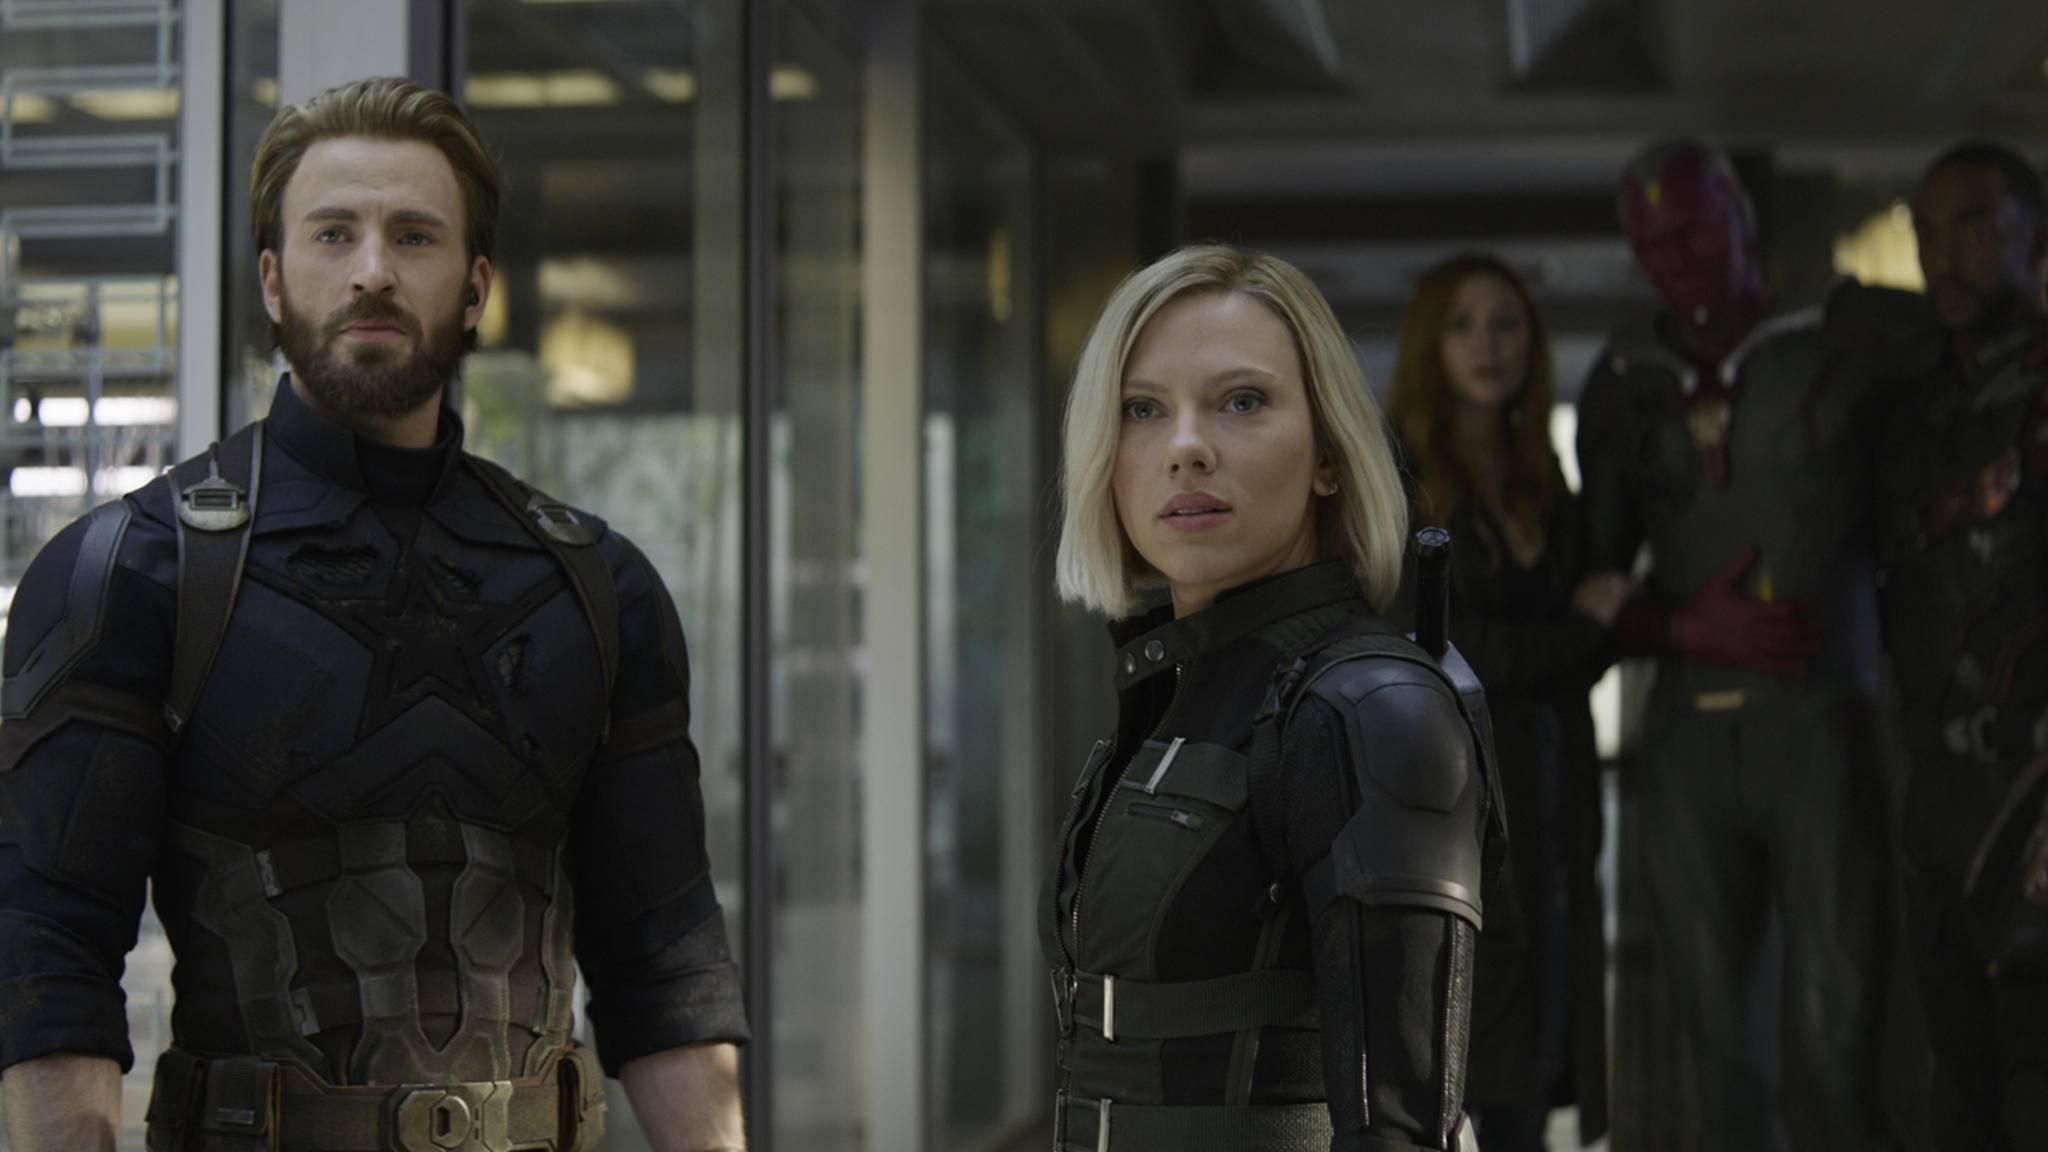 Was war das? Marvel will offenbar nichts gehört oder gesehen haben ... Zufall?